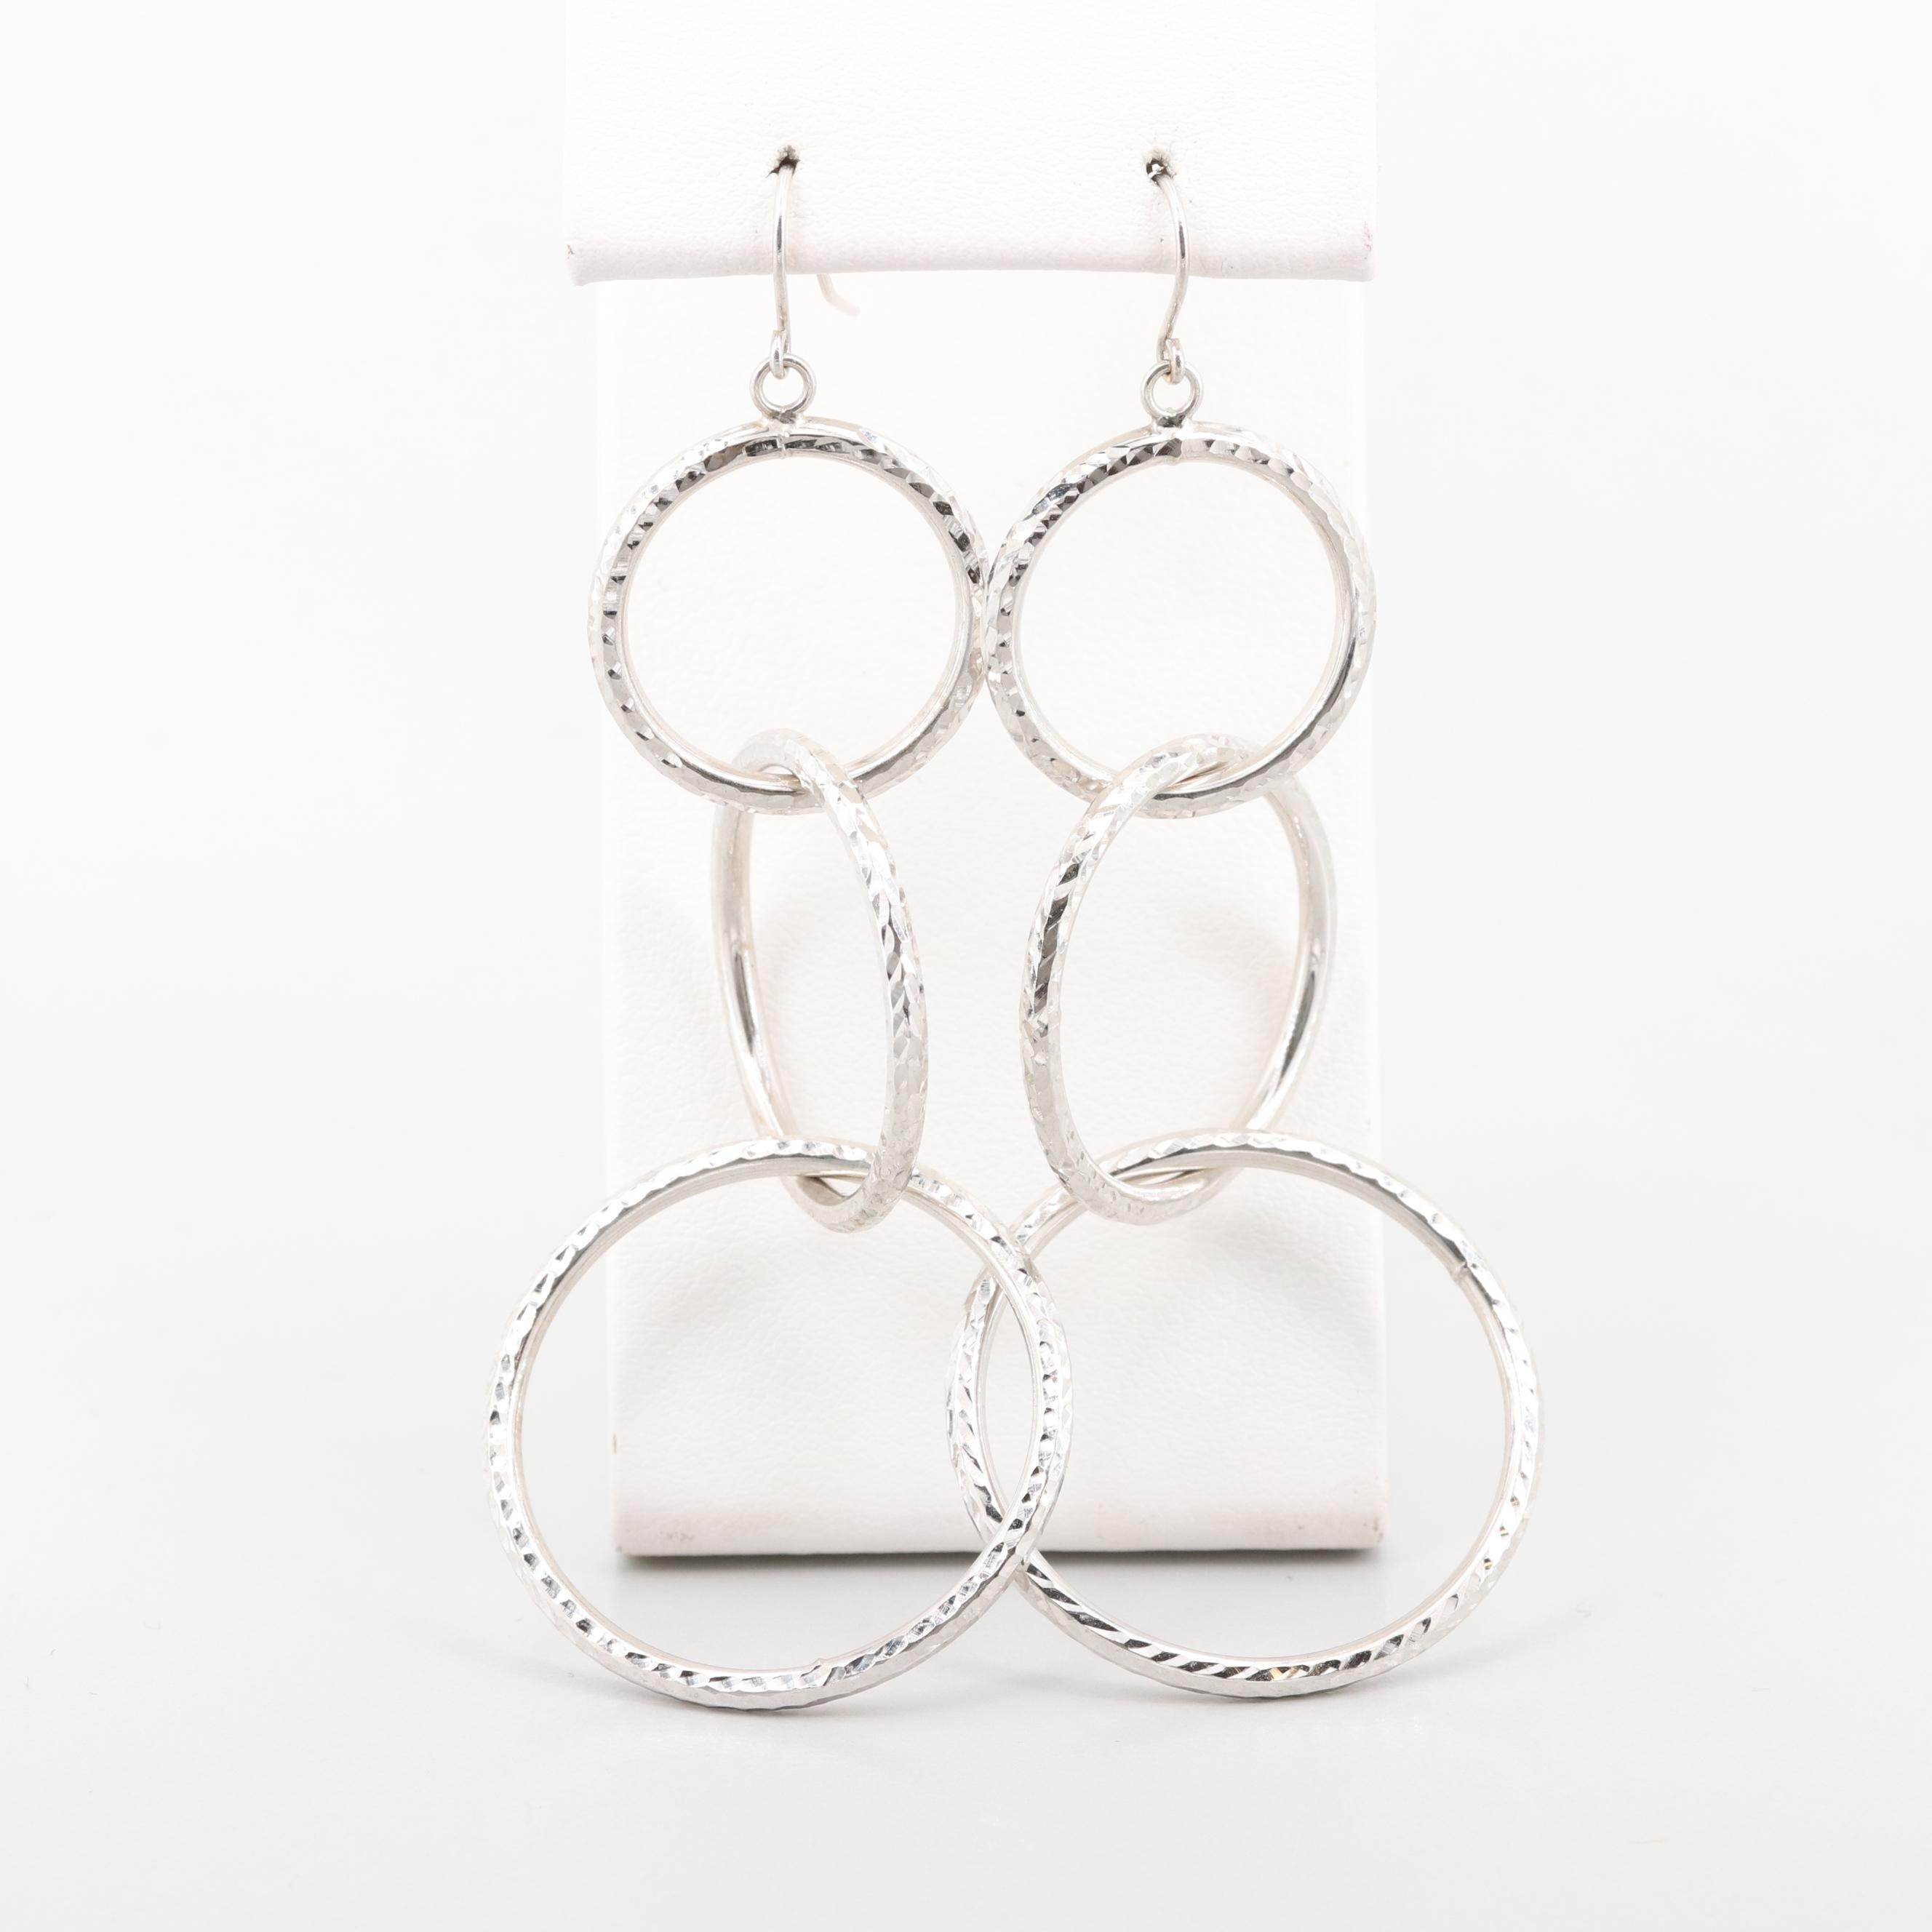 14K White Gold Textured Dangle Earrings